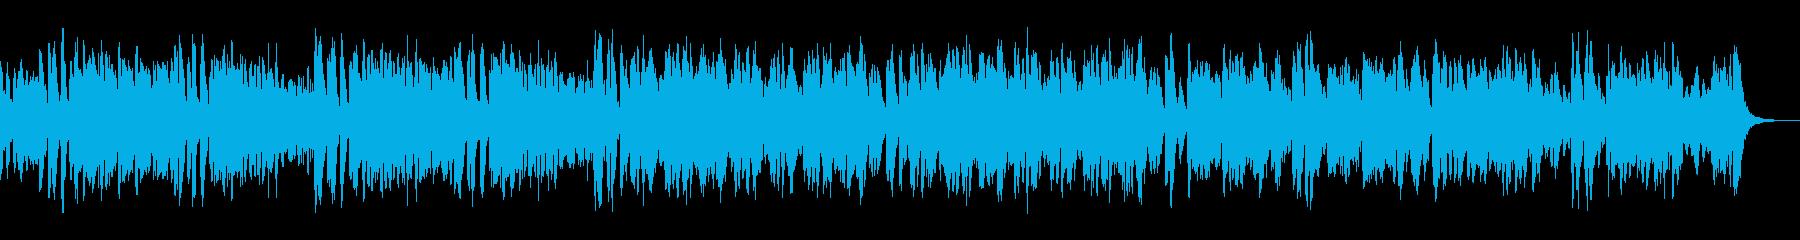 わくわく楽しい軽快なラグタイムピアノ02の再生済みの波形